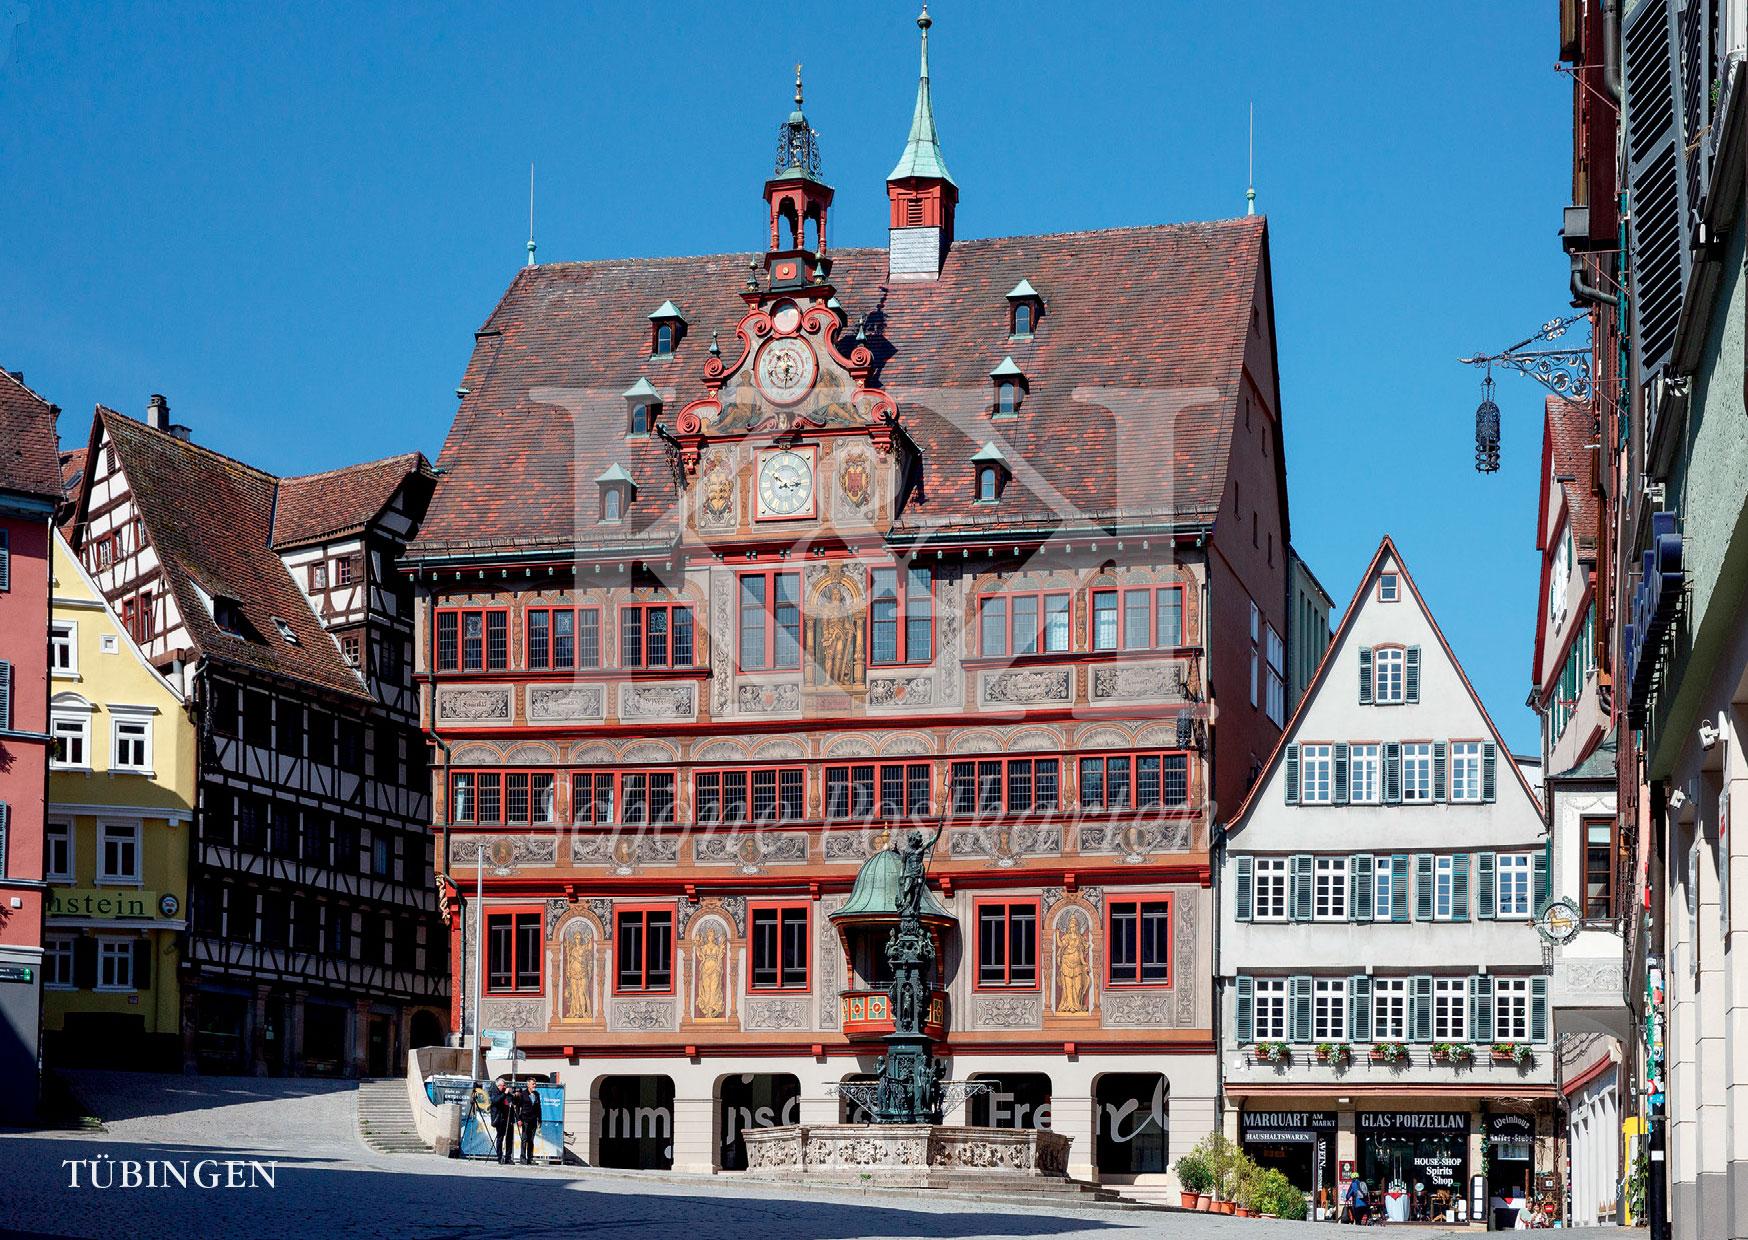 Schöne Postkarte Nr. 81 · Rathaus Tübingen, ab 1435 gebaut und mehrfach erweitert · © www.schoenepostkarten.de